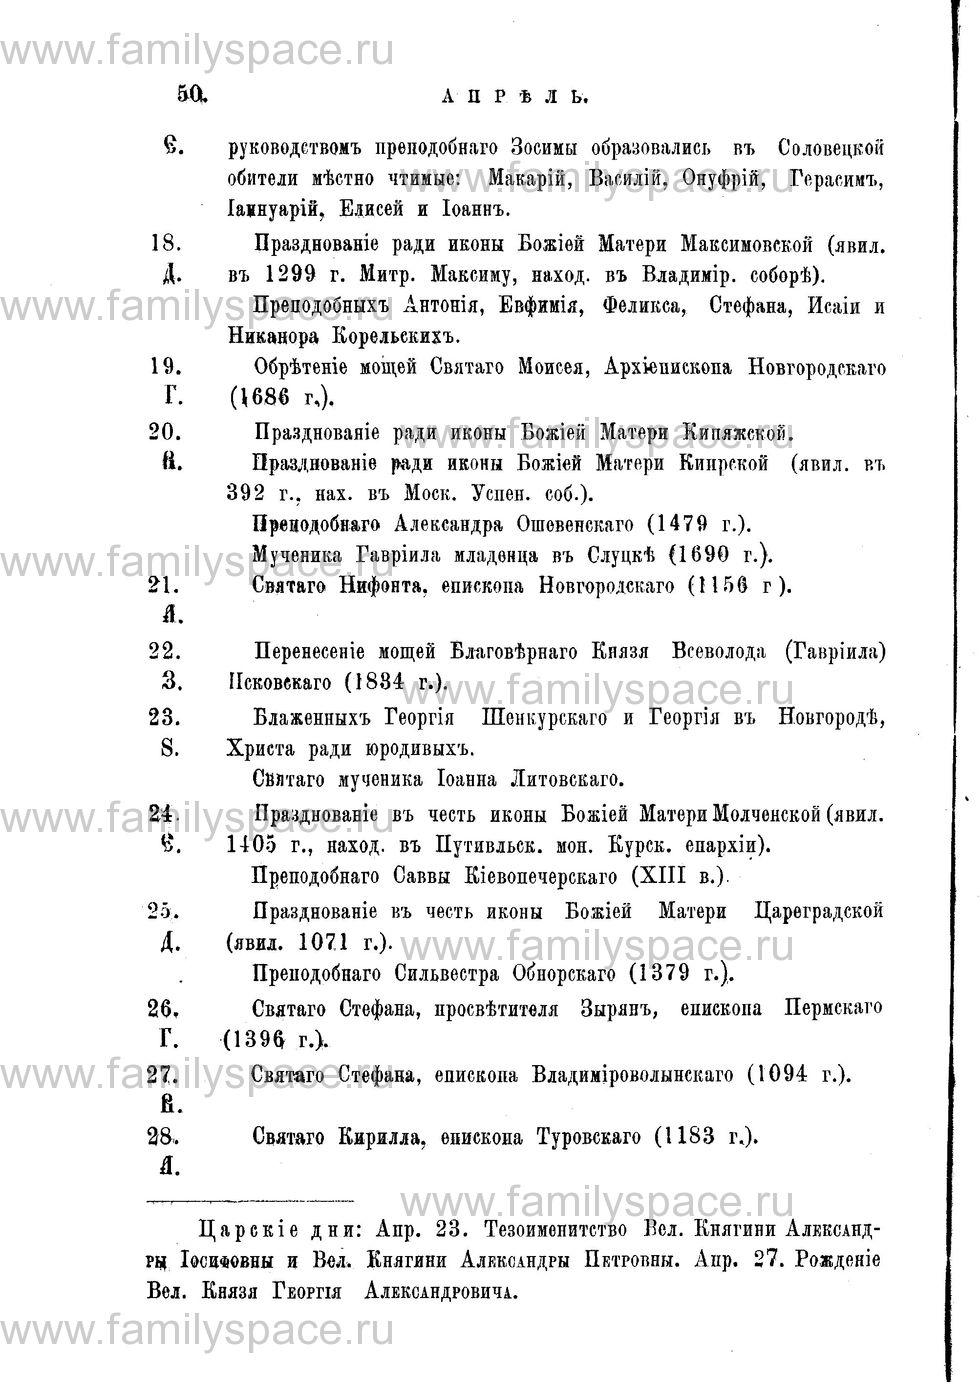 Поиск по фамилии - Адрес-календарь Нижегородской епархии на 1888 год, страница 1050